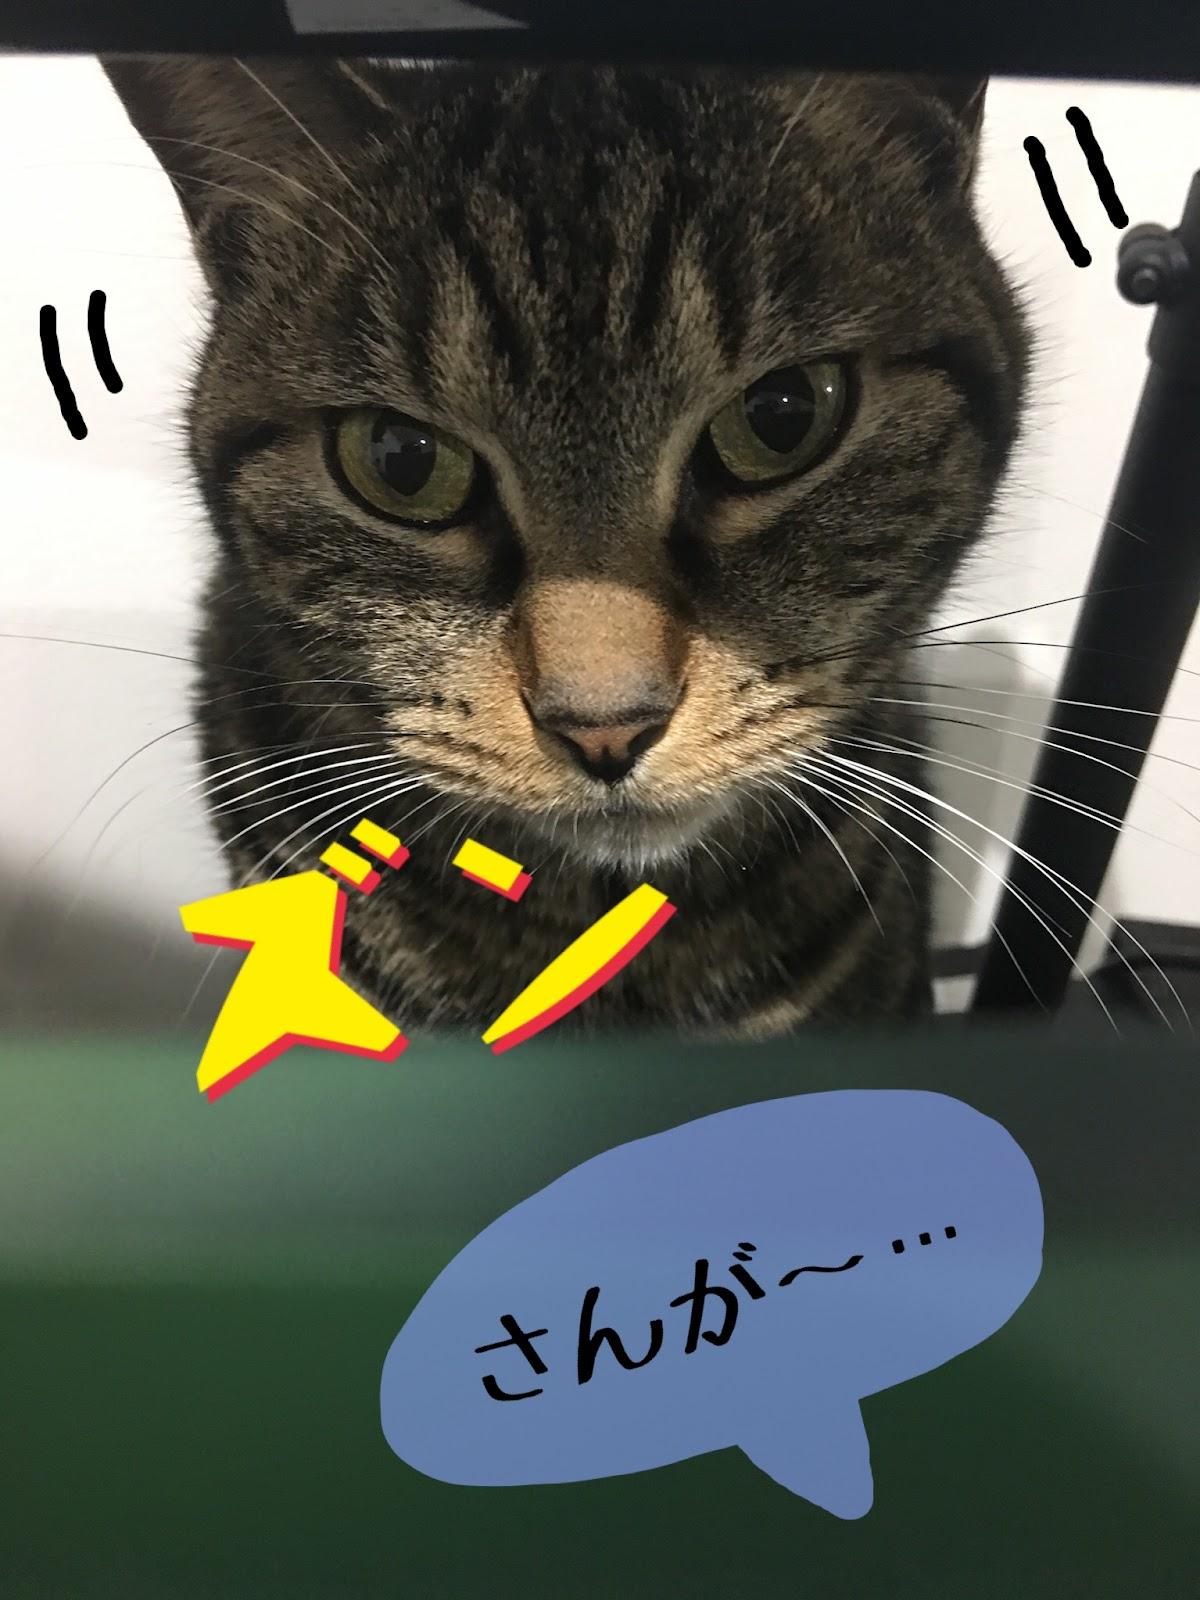 猫も芸を覚える?喋って話す猫も?猫に芸を覚えさせる方法